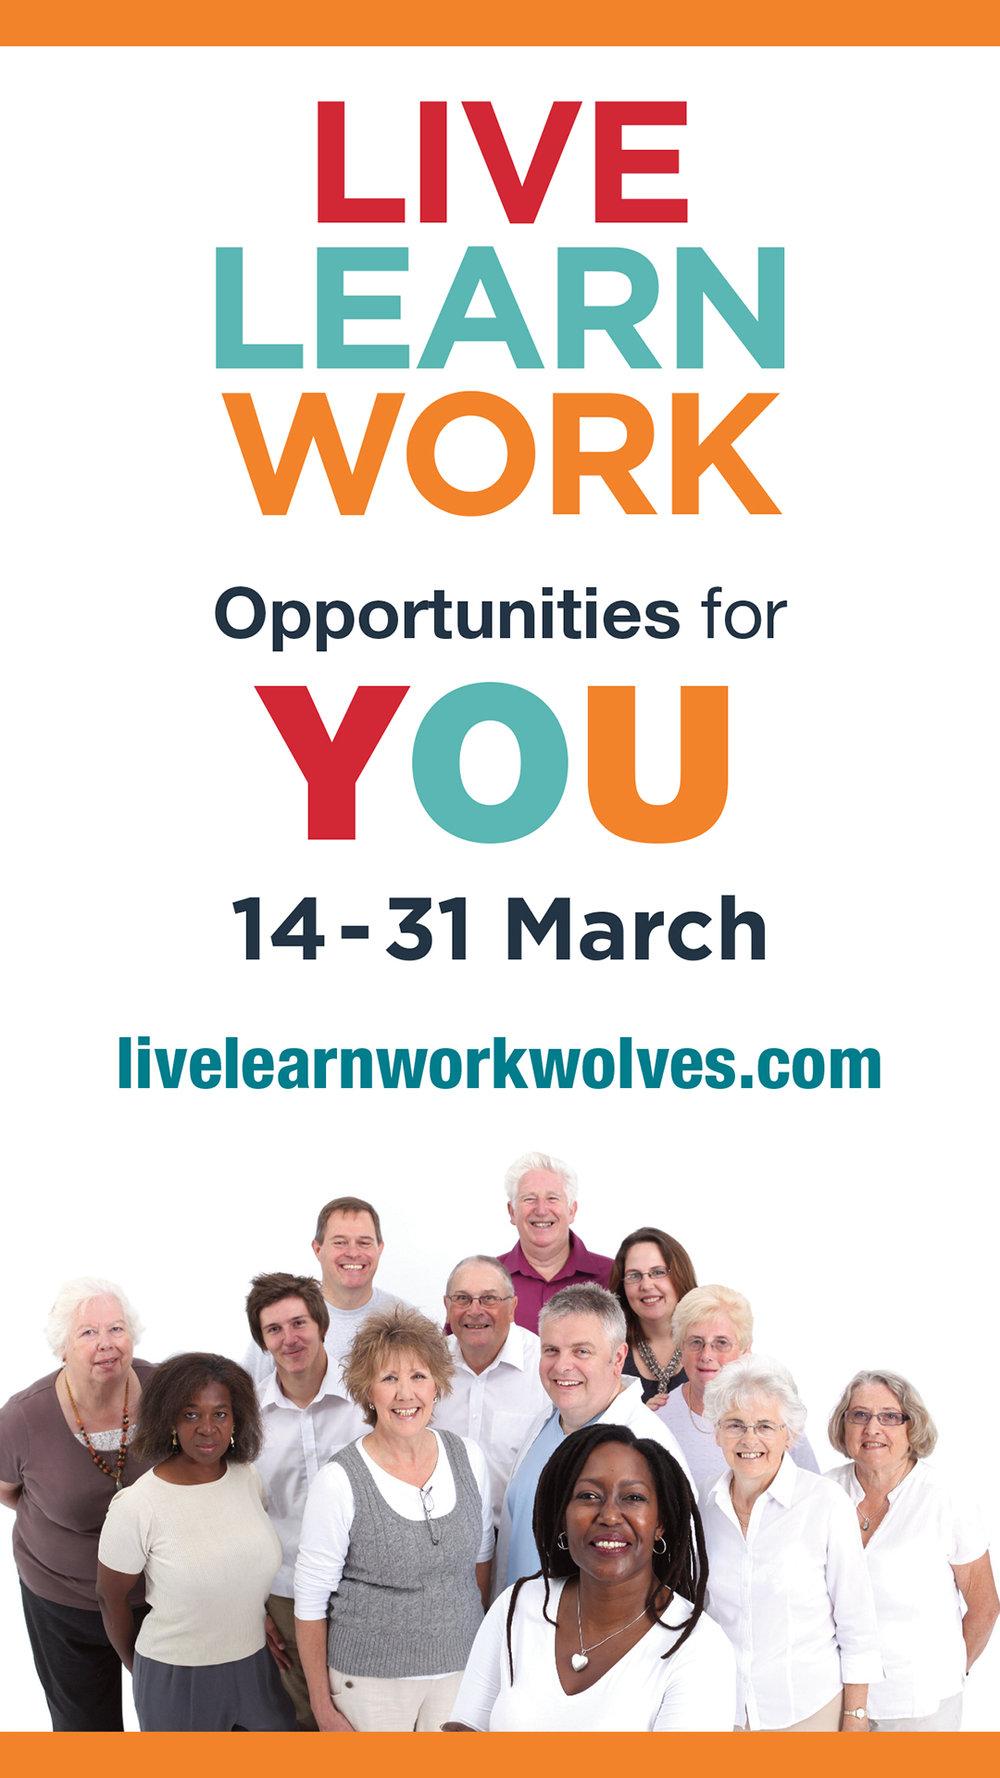 Visit the Live, Learn, Work website at  www.livelearnworkwolves.com